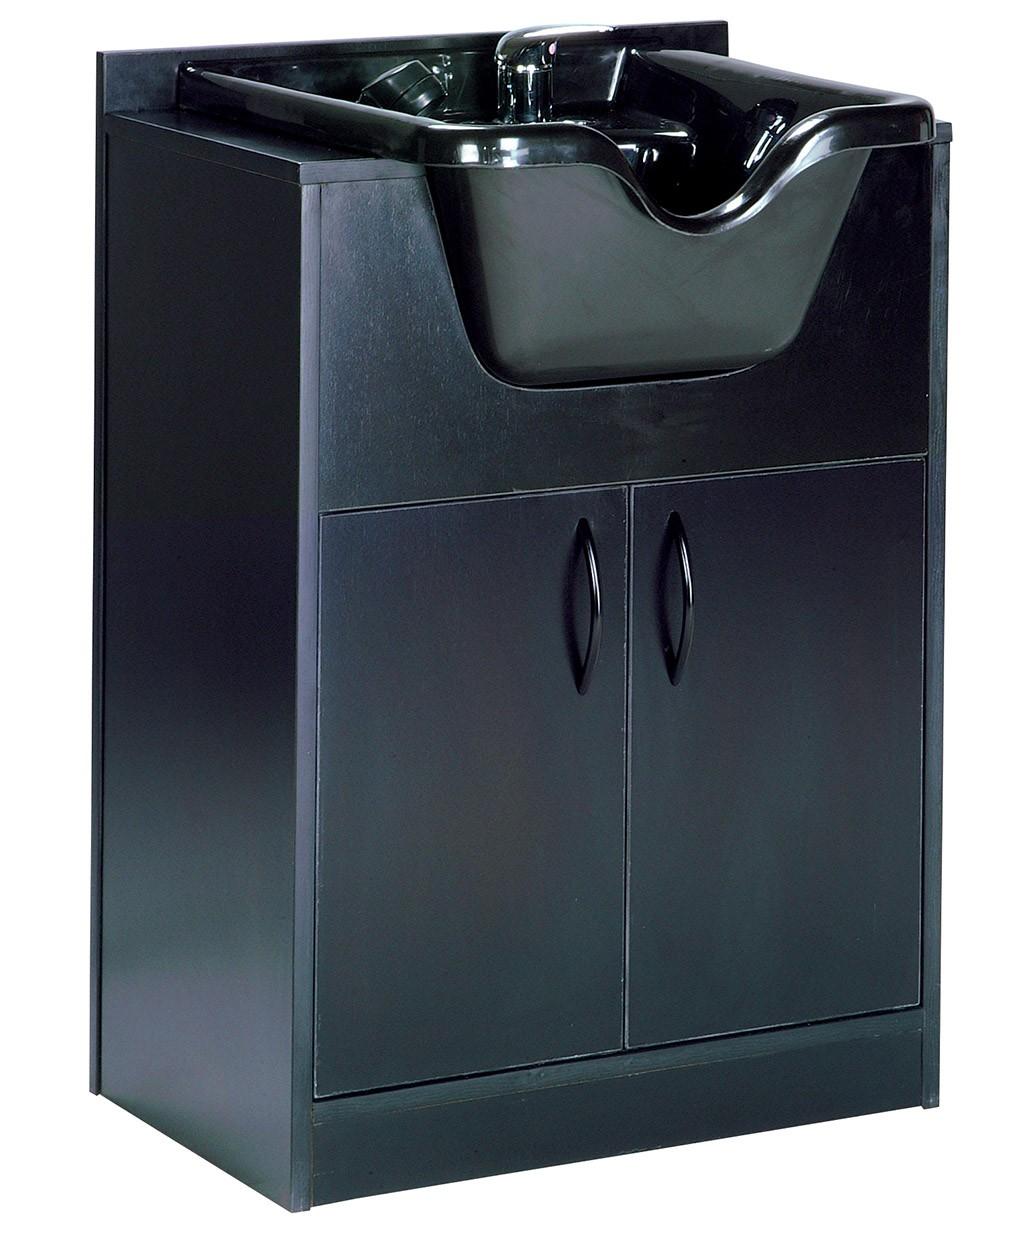 Olla Shampoo Bowl  Cabinet Salon Hair Washing Sinks